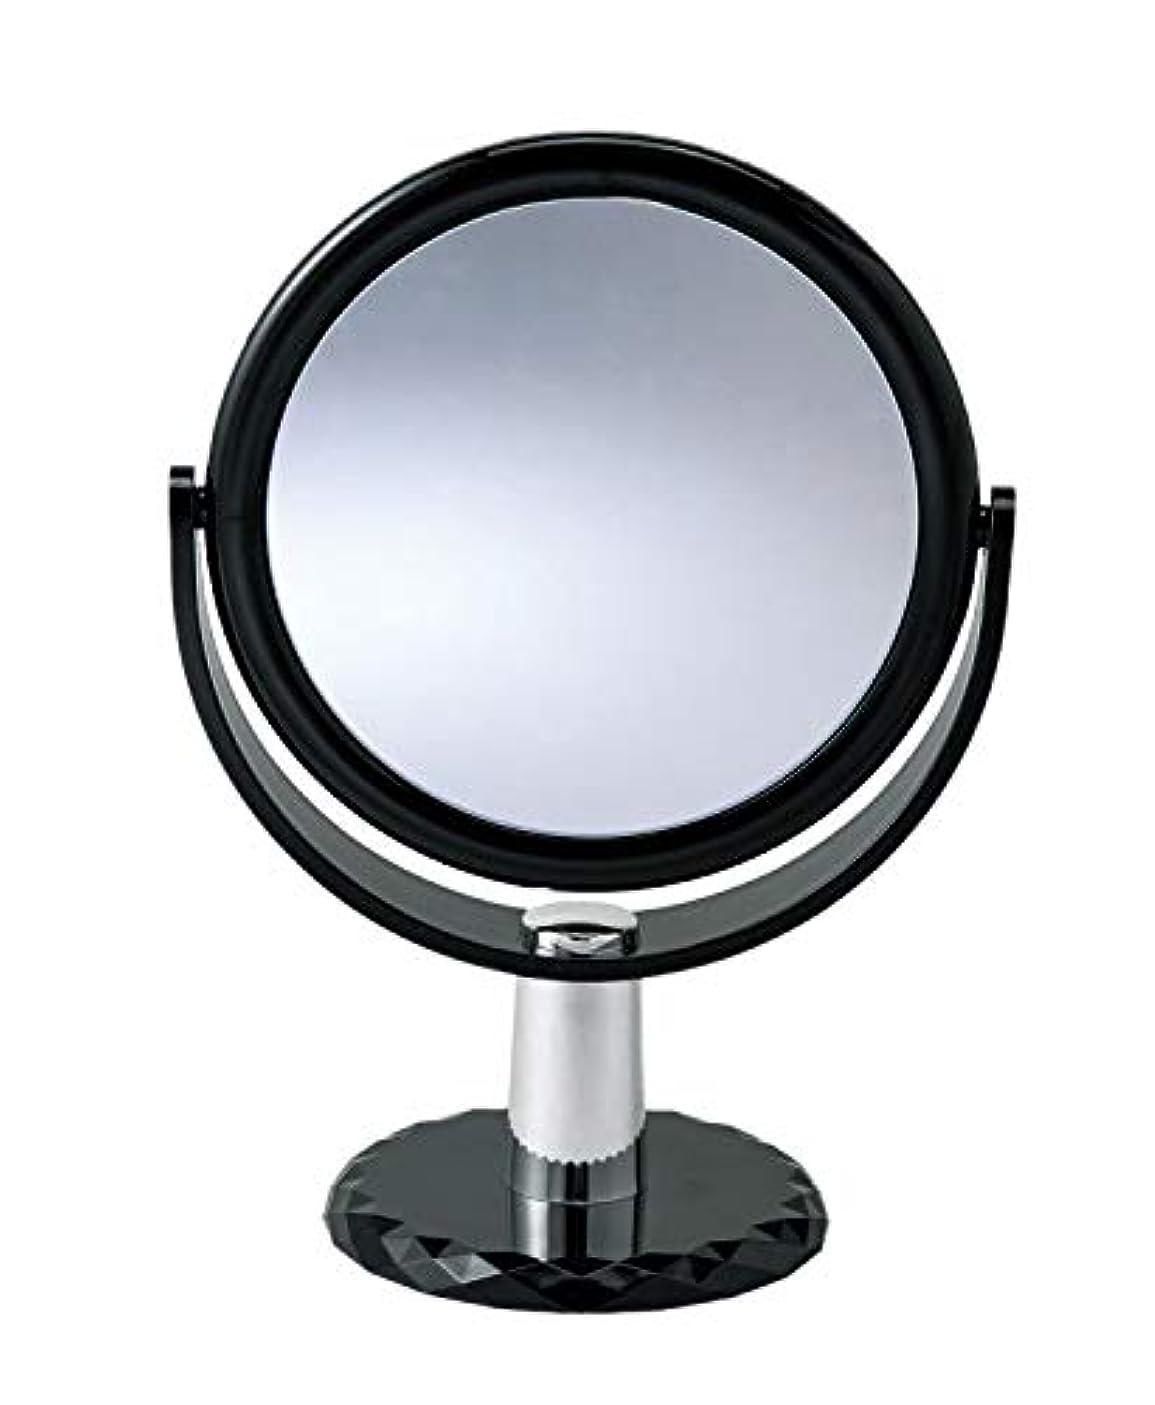 学者結晶ダンス10倍拡大鏡付きの2面ミラー 卓上 スタンドミラー 化粧鏡 メイク 360度回転